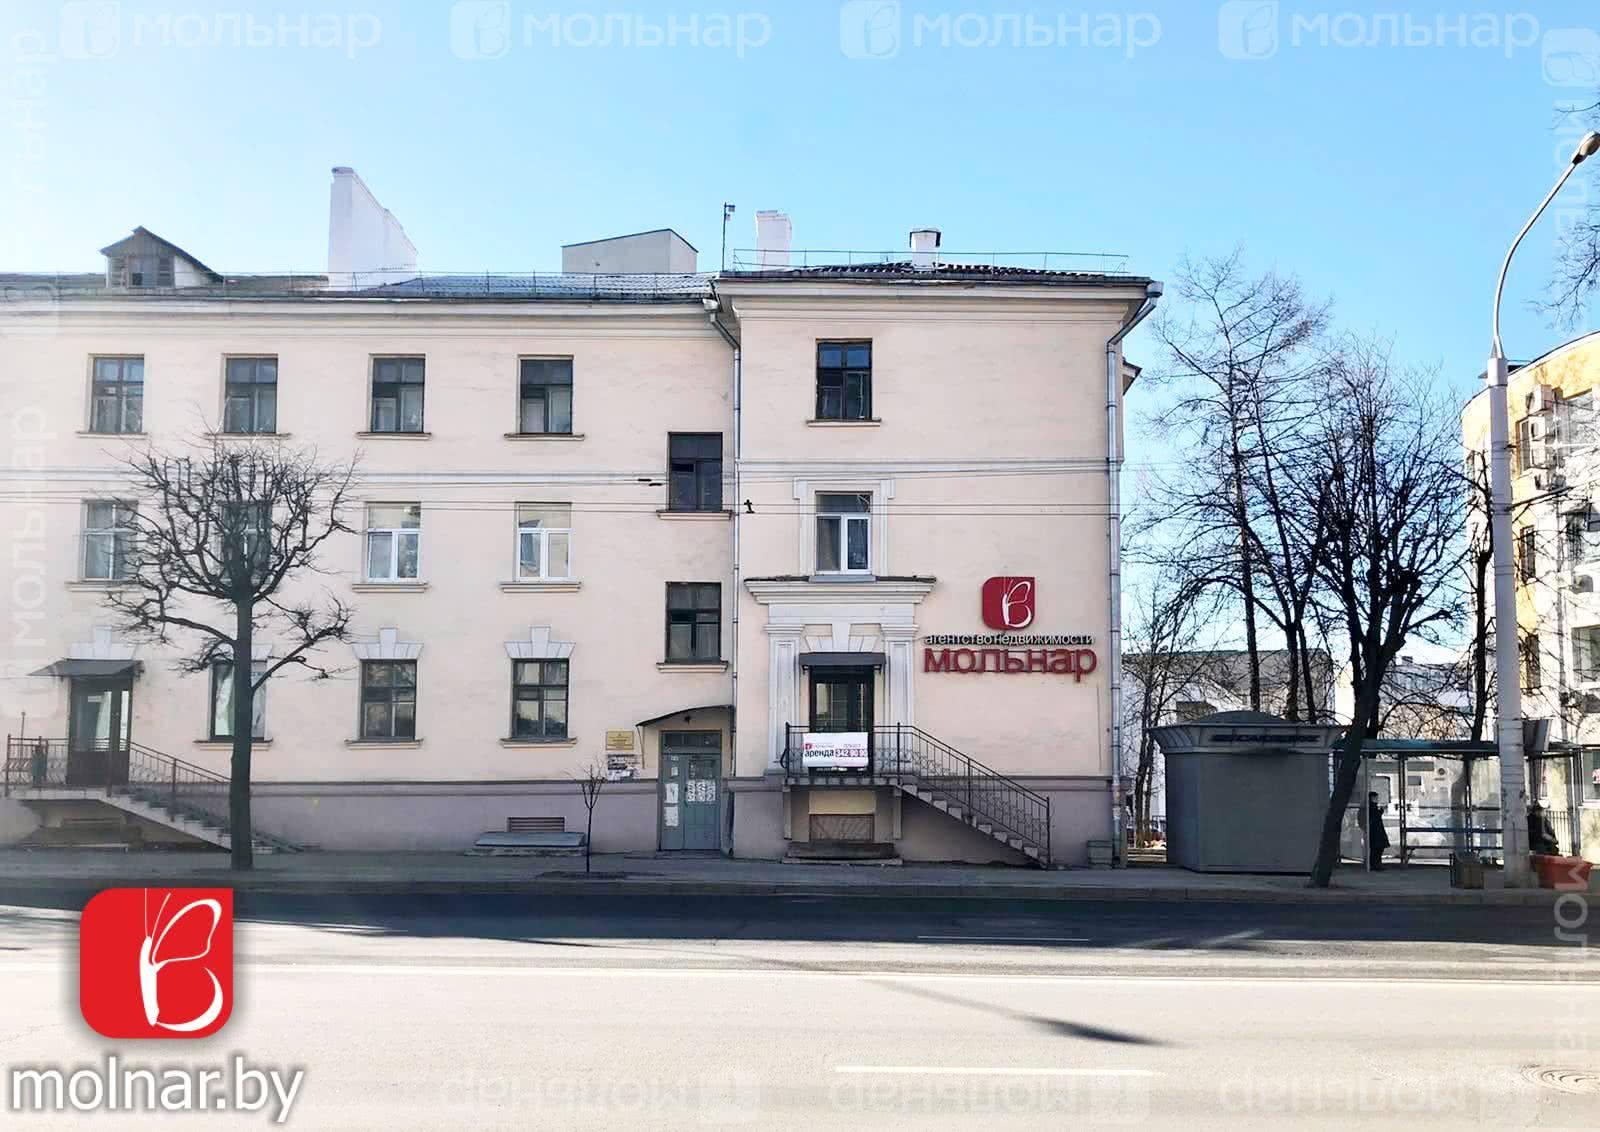 Аренда офиса на ул. Сурганова, д. 25 в Минске - фото 2